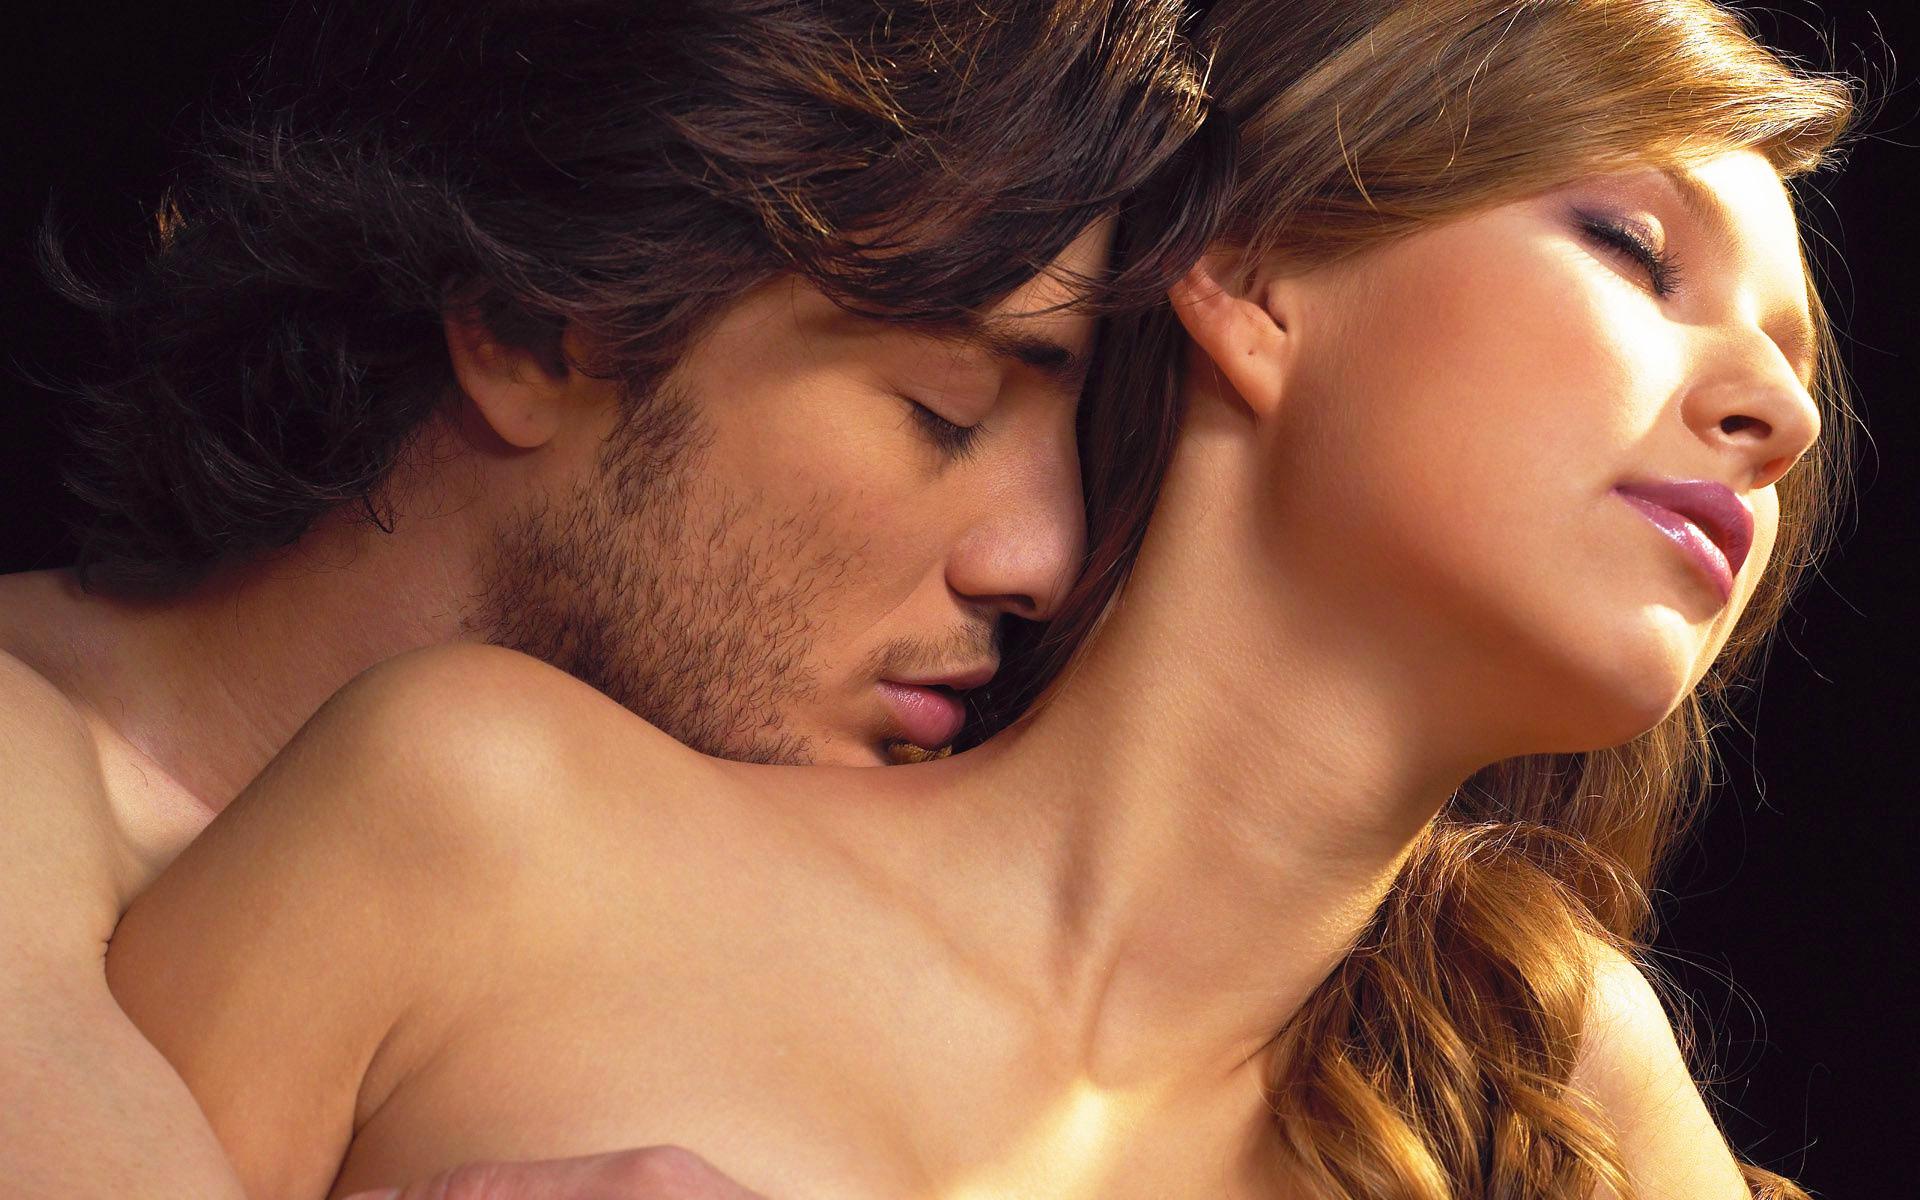 начнем красивая связь мужчины и женщины видео постарался славу